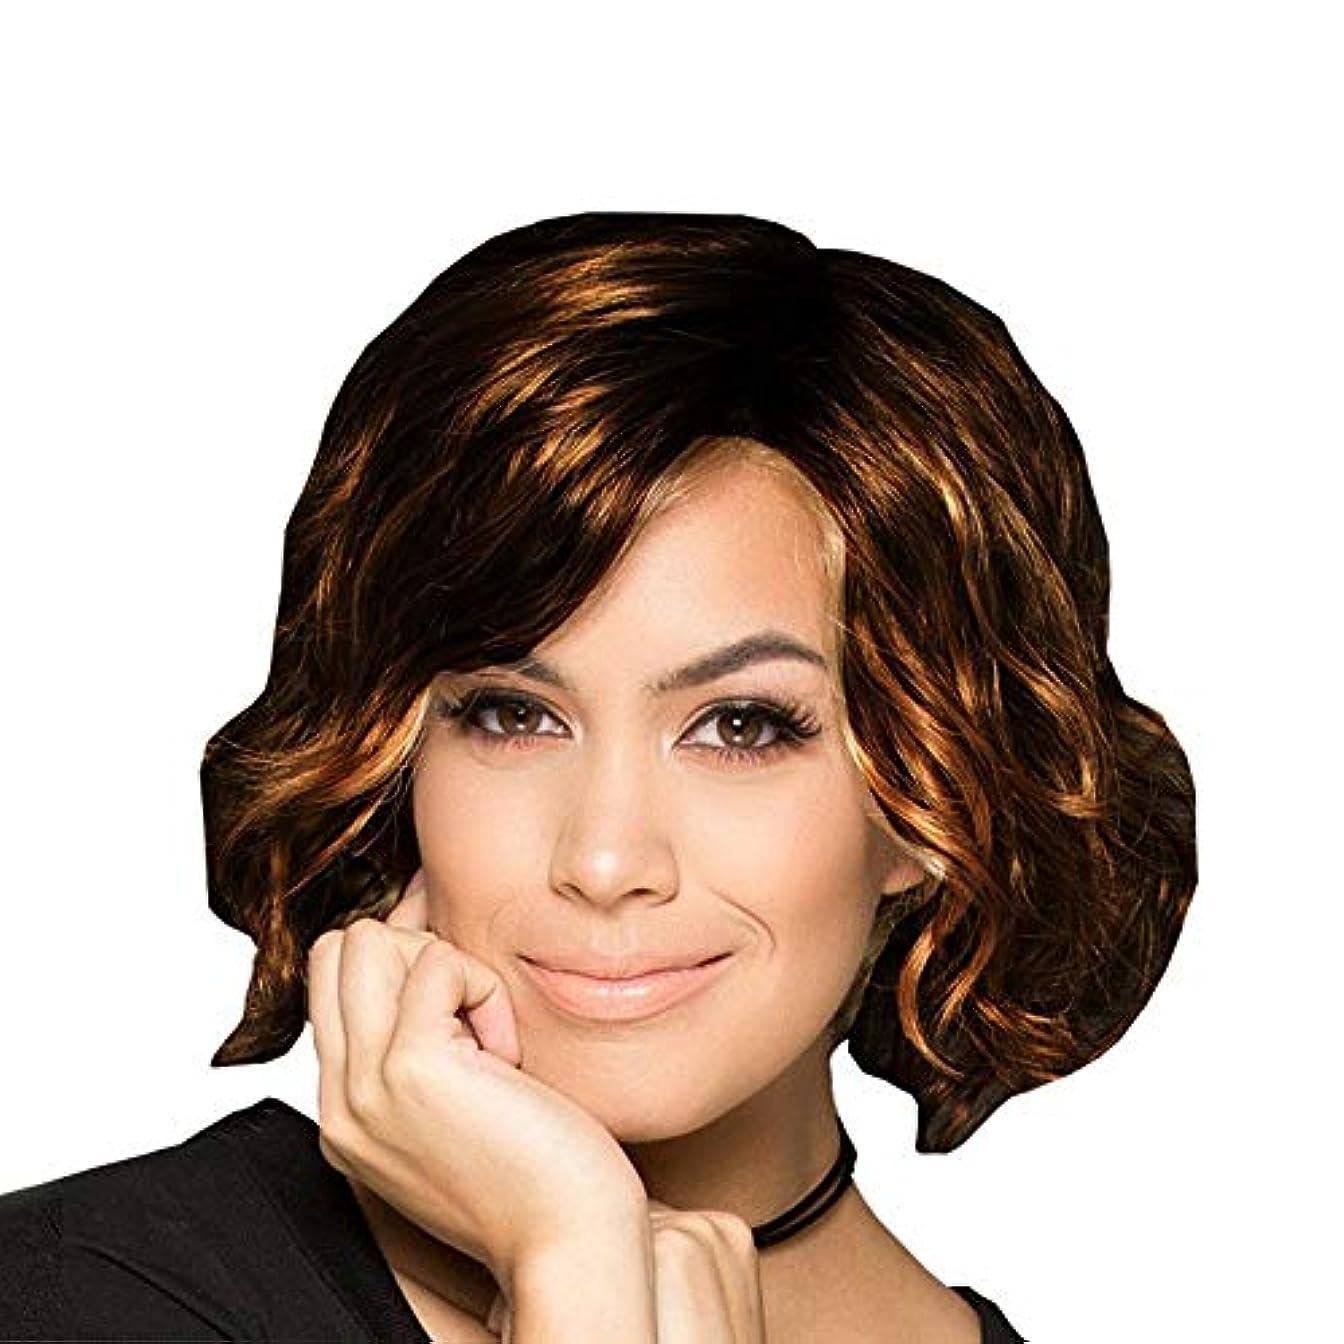 パンフレット適格嘆願WASAIO 女性のショートカーリーウィッグブロンドの髪ショートボブウィッグ (色 : B)